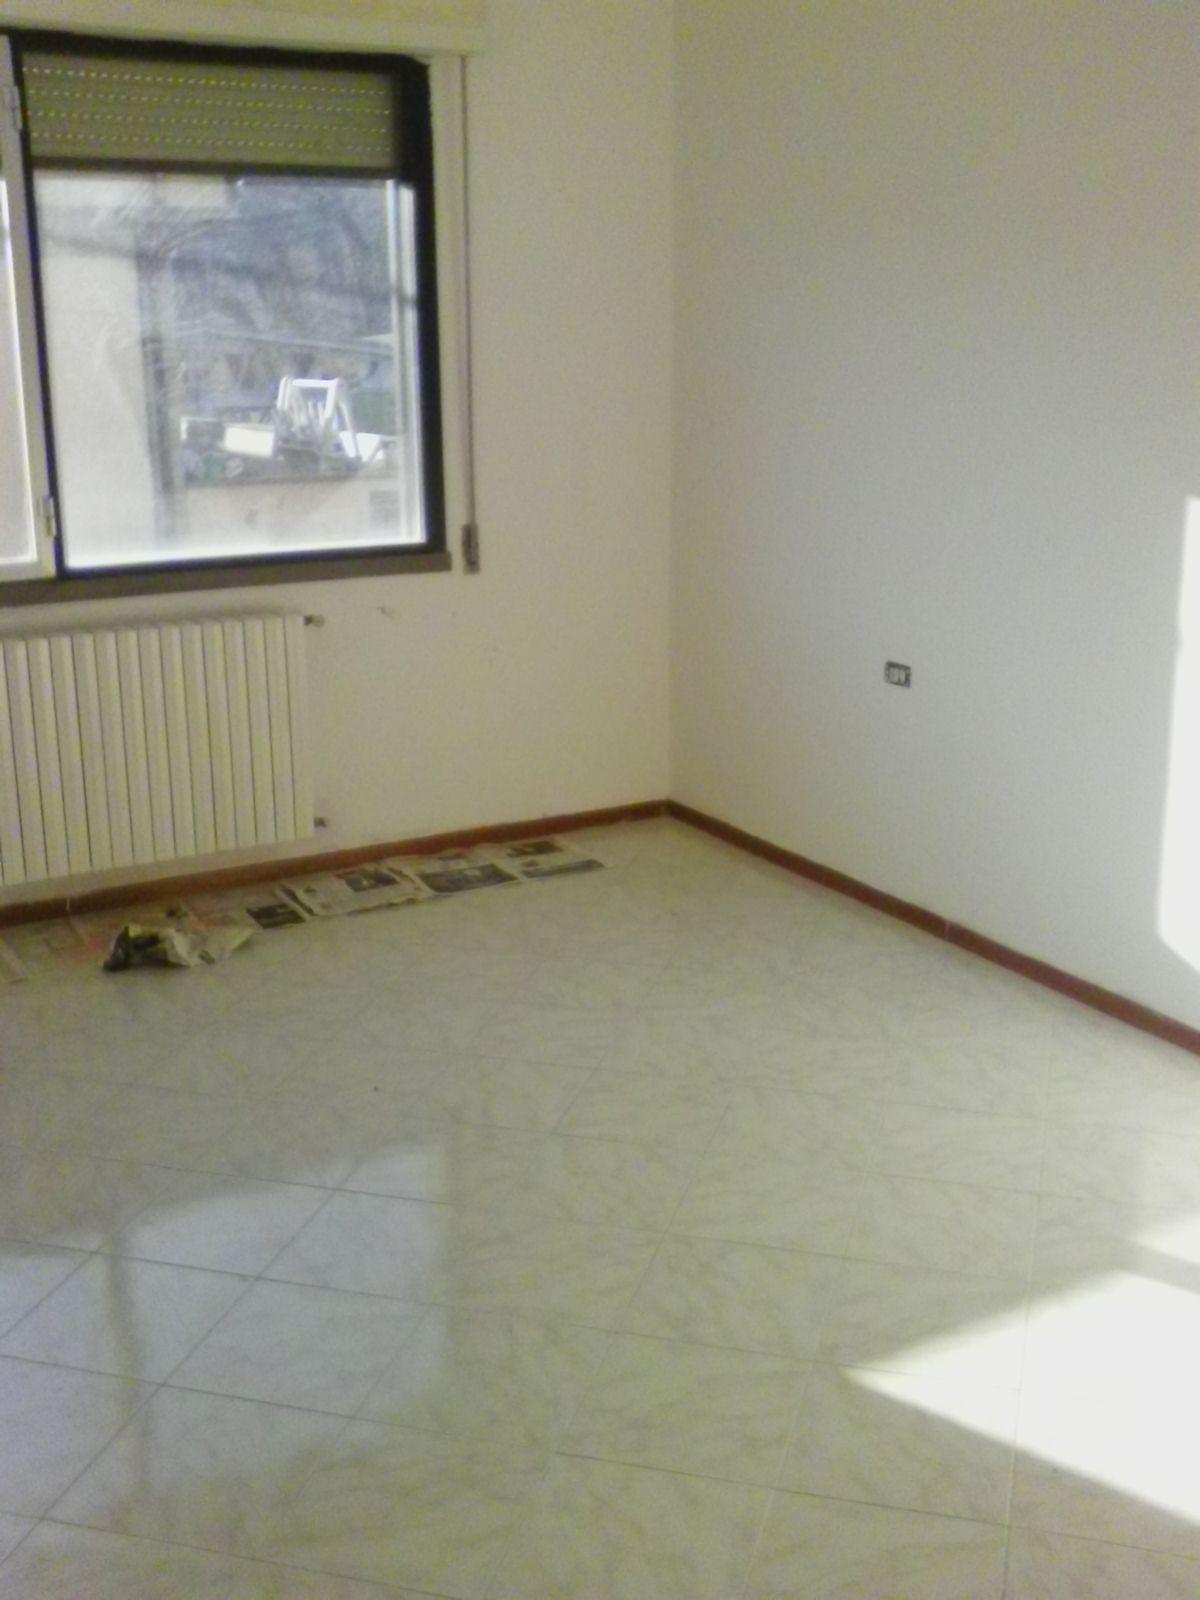 affitto appartamento montespertoli   650 euro  4 locali  110 mq